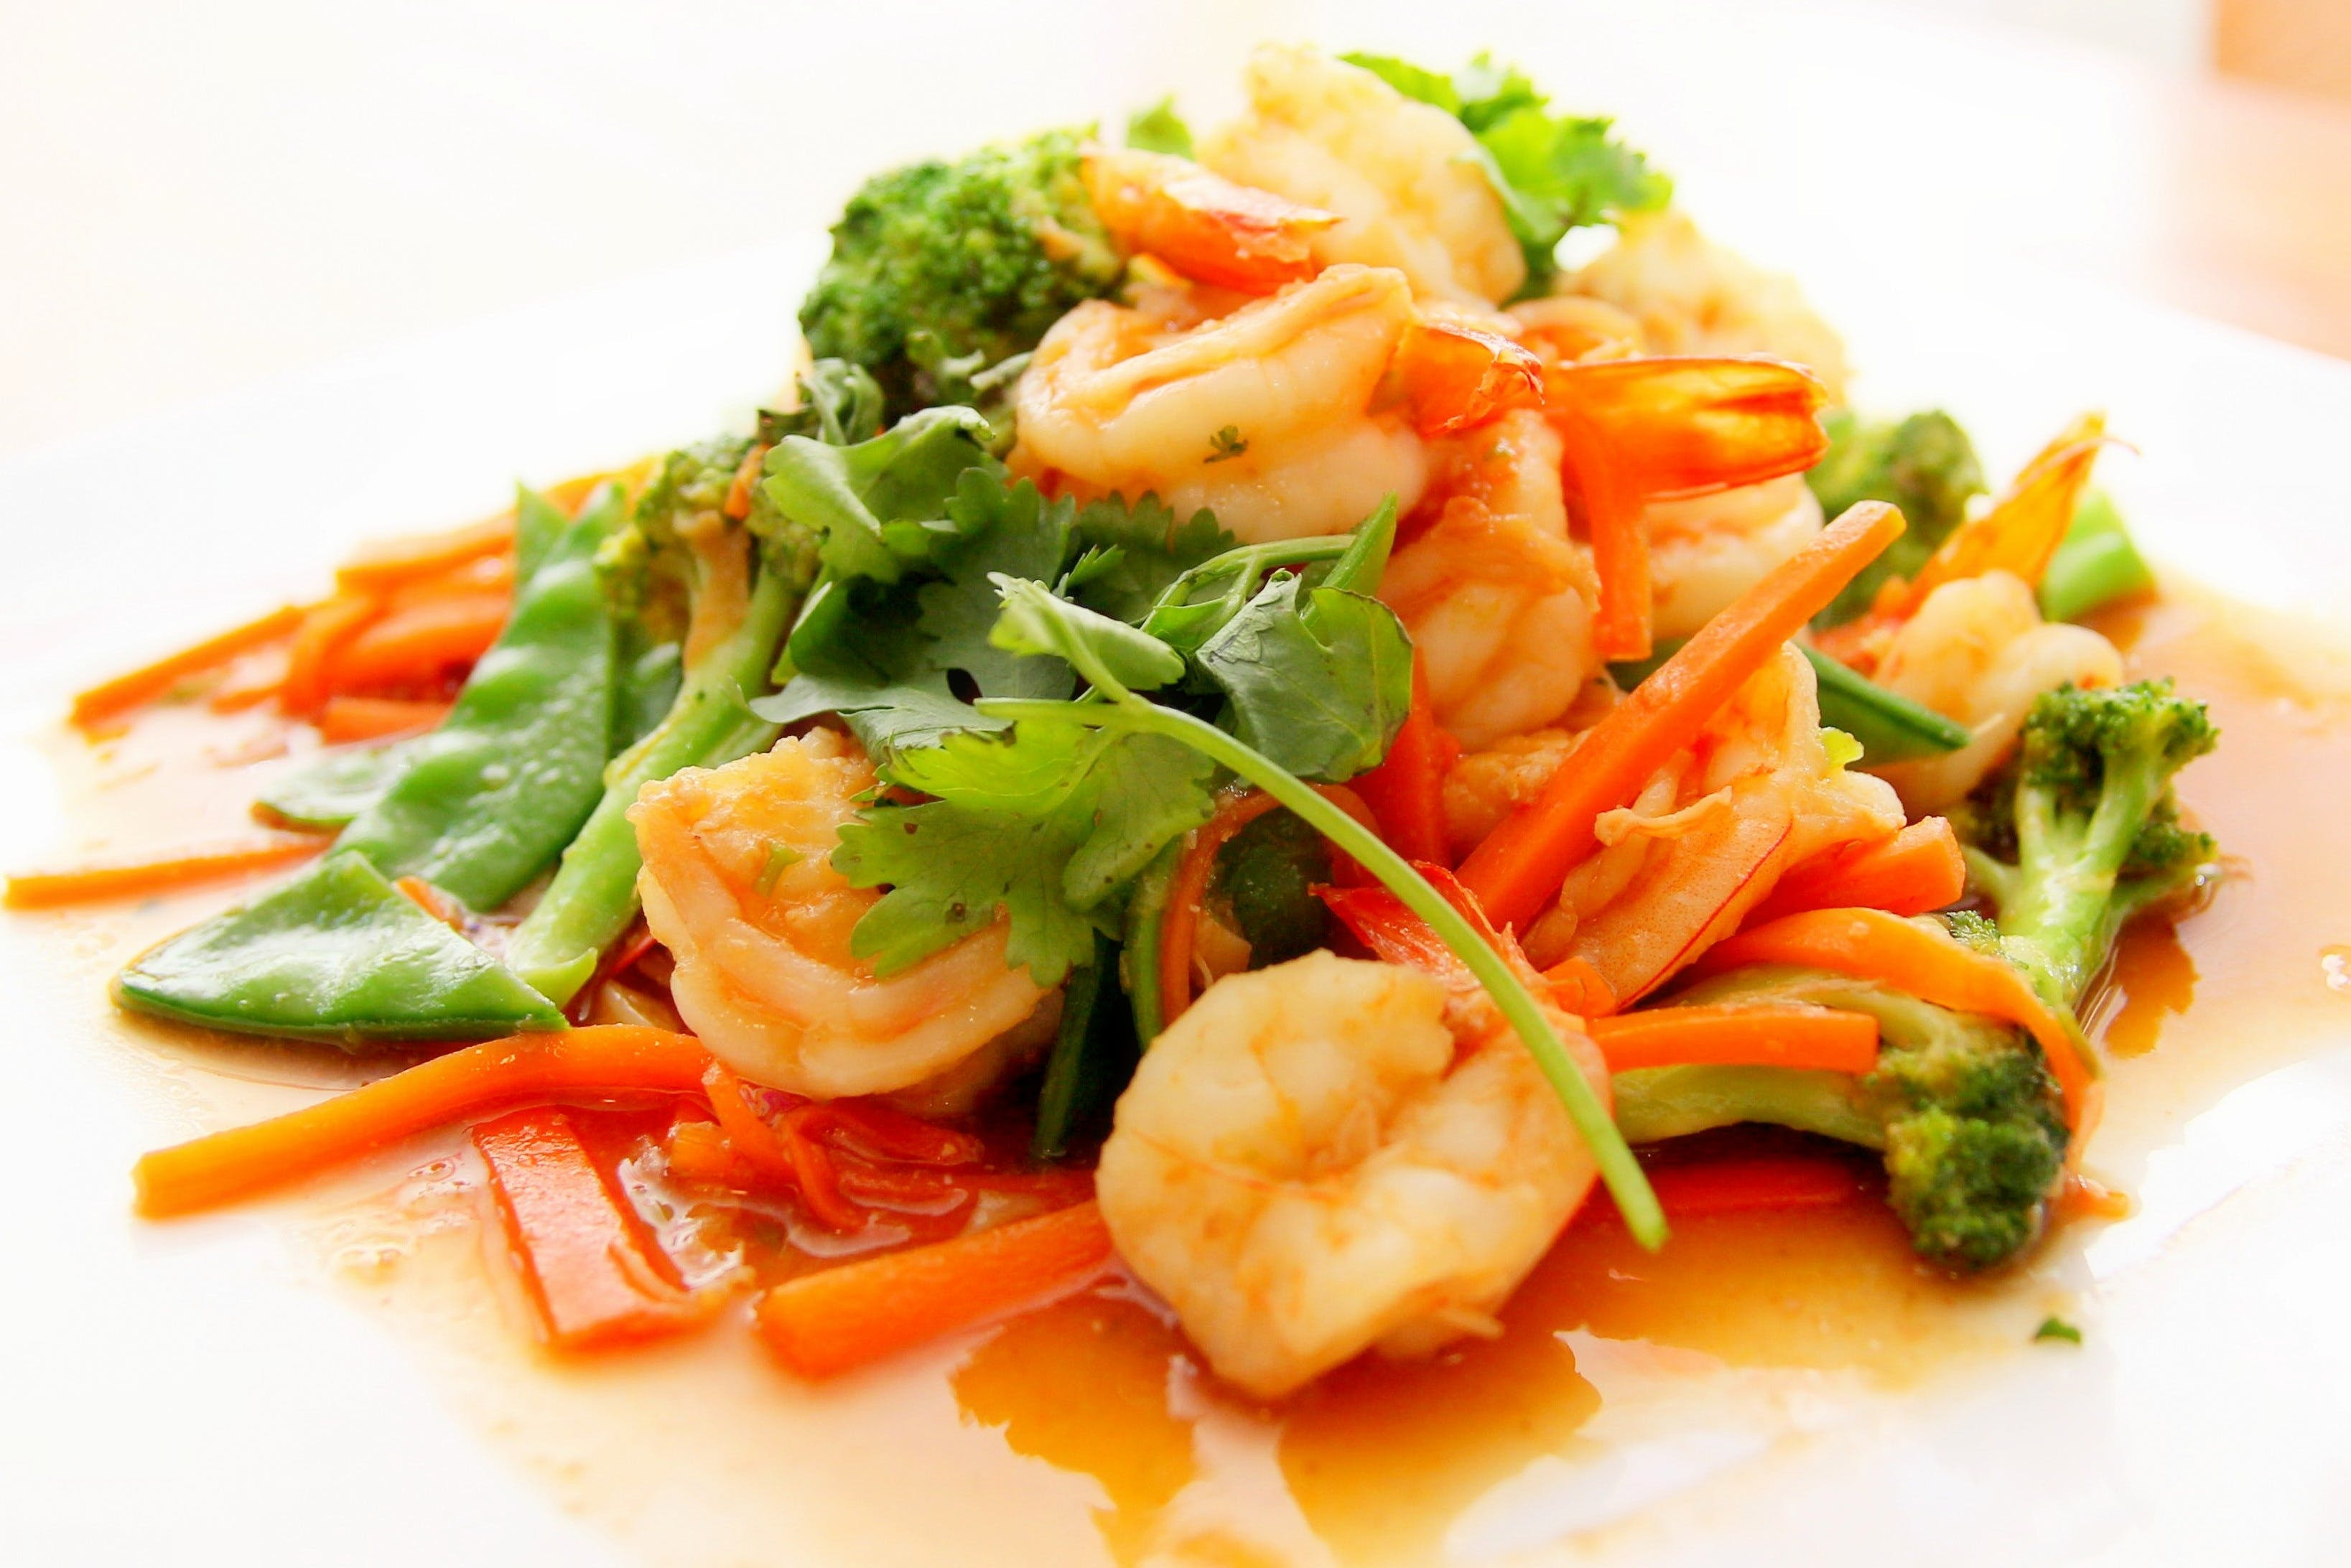 Kostenloses Stock Foto zu abendessen, asiatisch, diät, essen